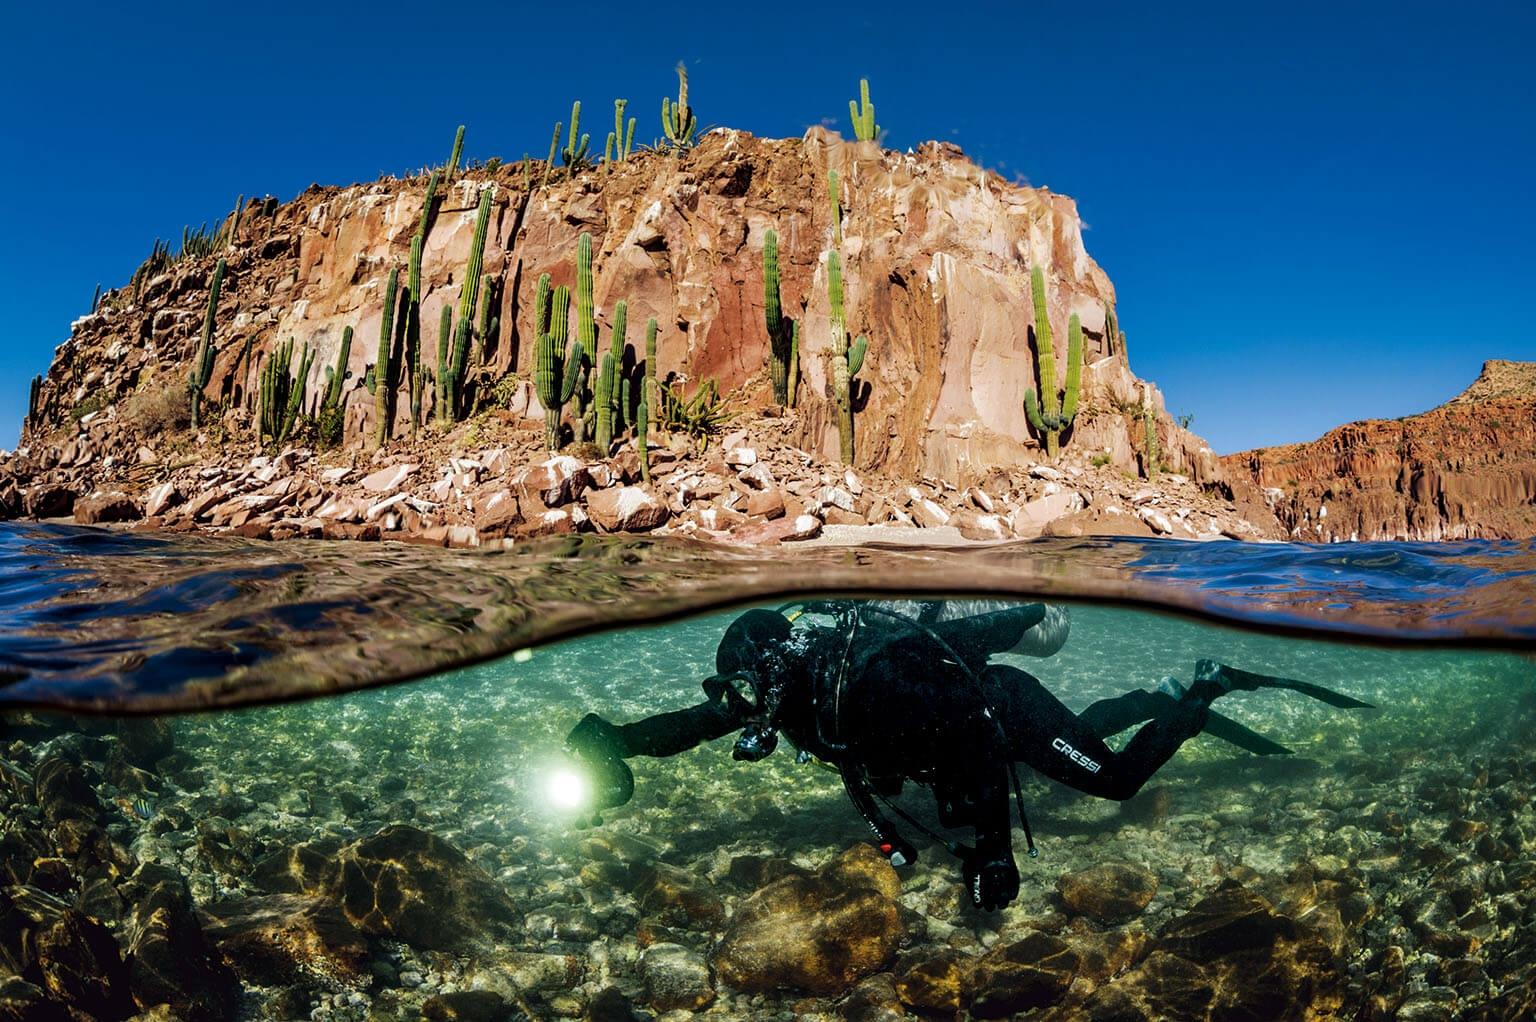 奧塔維歐.阿布托在加利福尼亞灣的聖靈島附近潛水。這位海洋生物學家研究為什麼有些保育區獲得成功,有些卻以失敗收場。他發現,關鍵祕訣就在於當地社區。「要開始創造榮譽感,一種對生態復甦的衷心投入。」阿布托說。 攝影:湯瑪斯.P.帕斯查克 Thomas P. Peschak